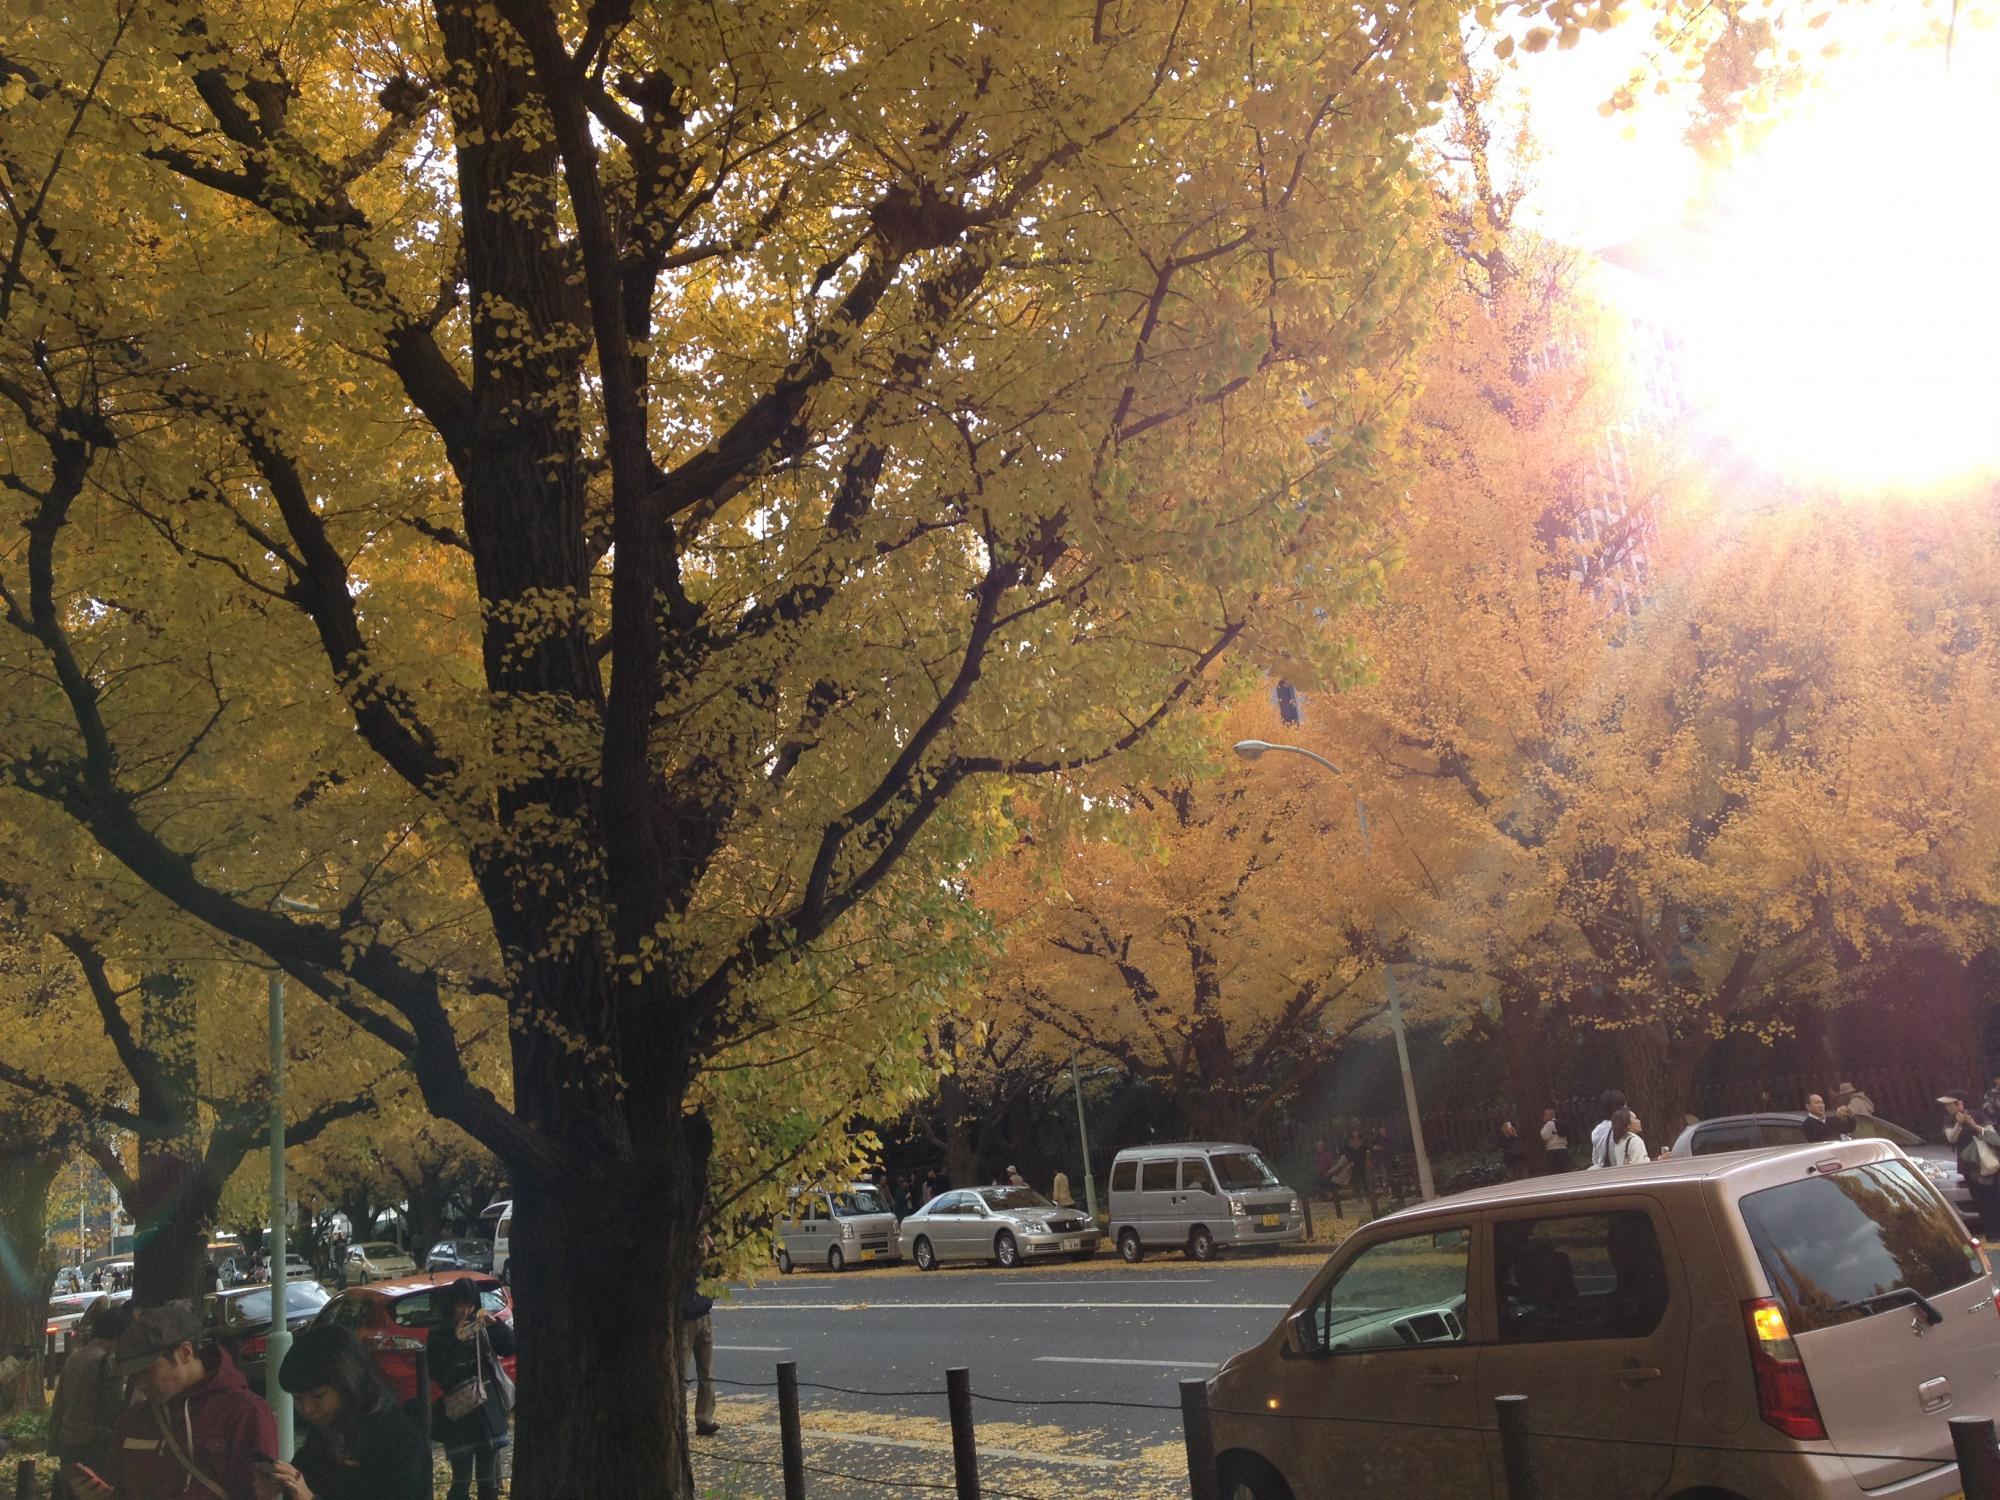 聖徳絵画館銀杏並木